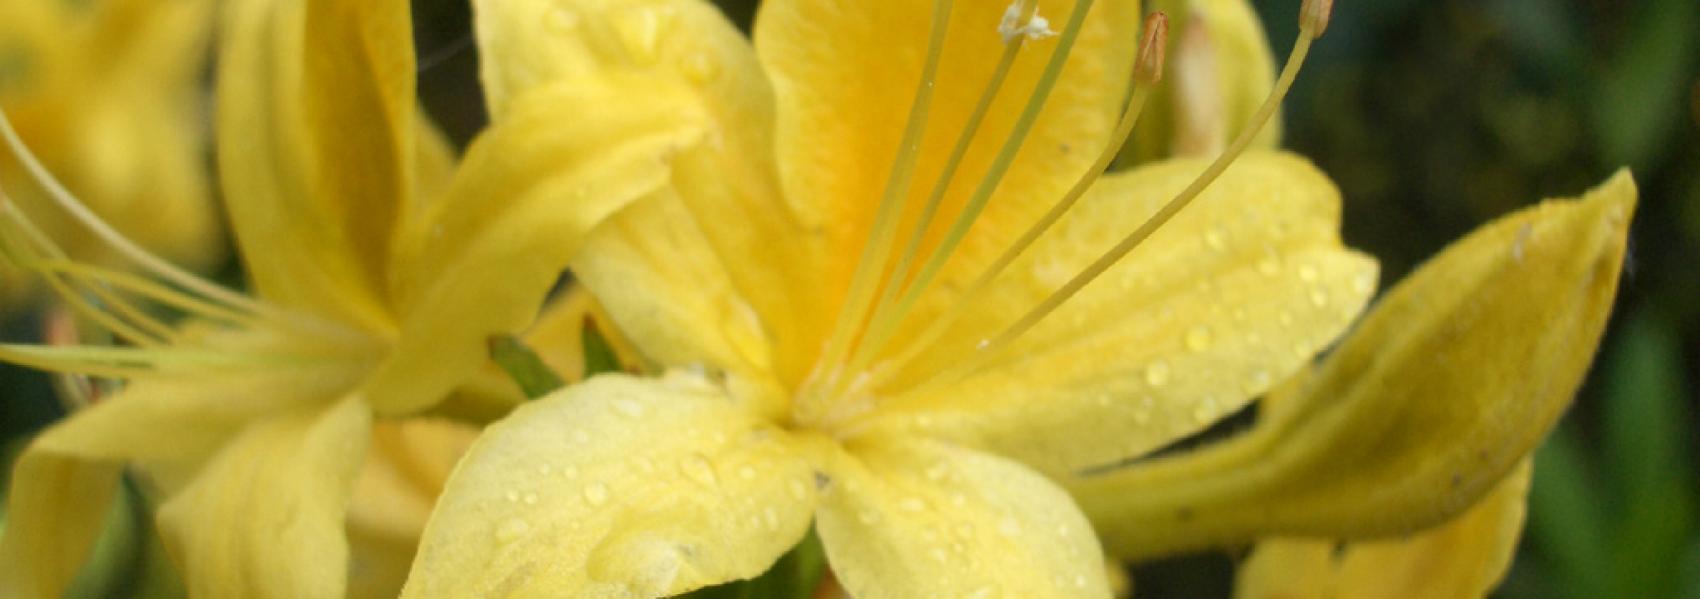 een gele bloem